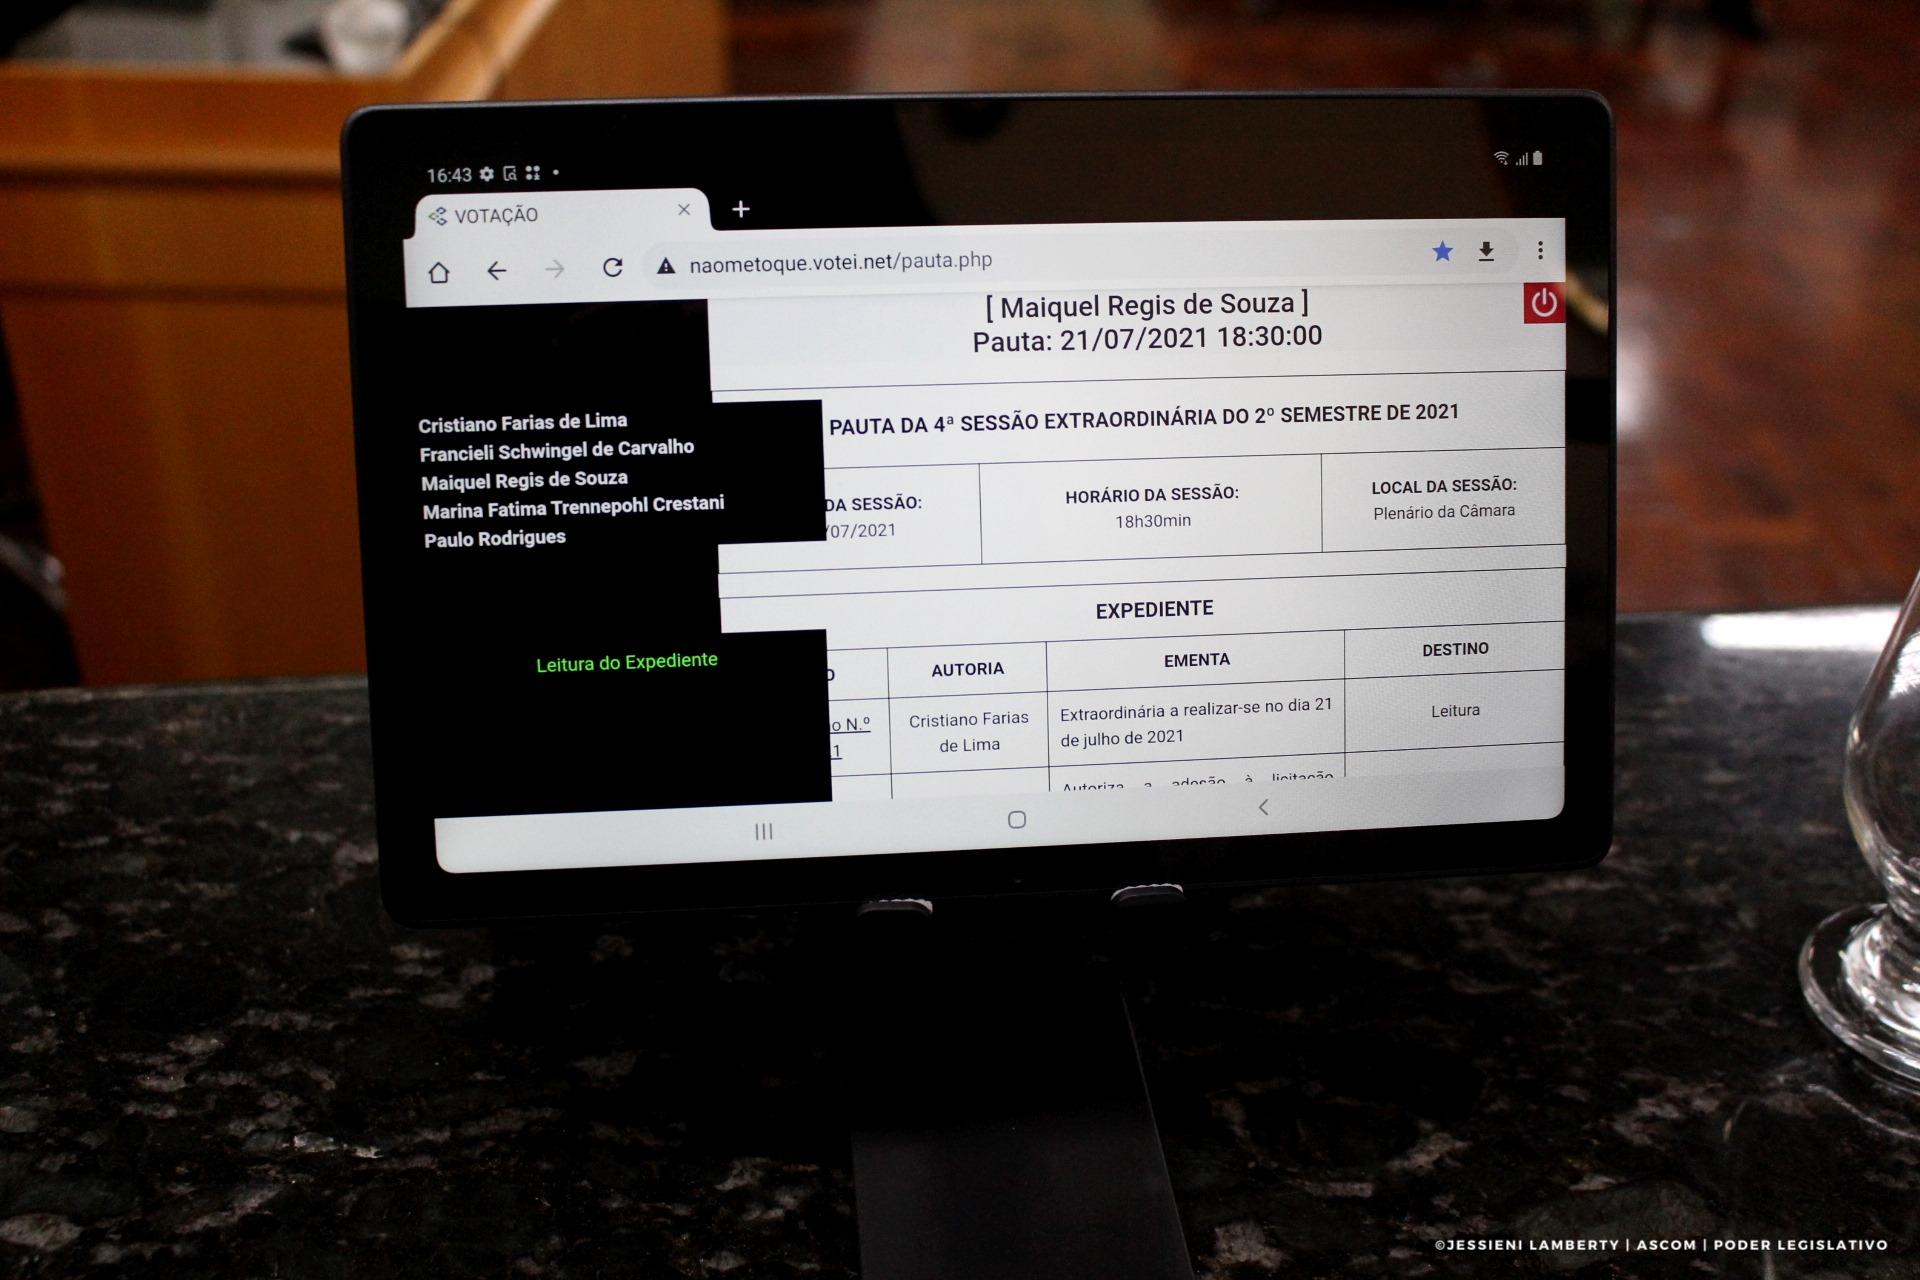 Sistema eletrônico de votação por tablets começa a ser usado na Câmara de Vereadores de Não-Me-Toque